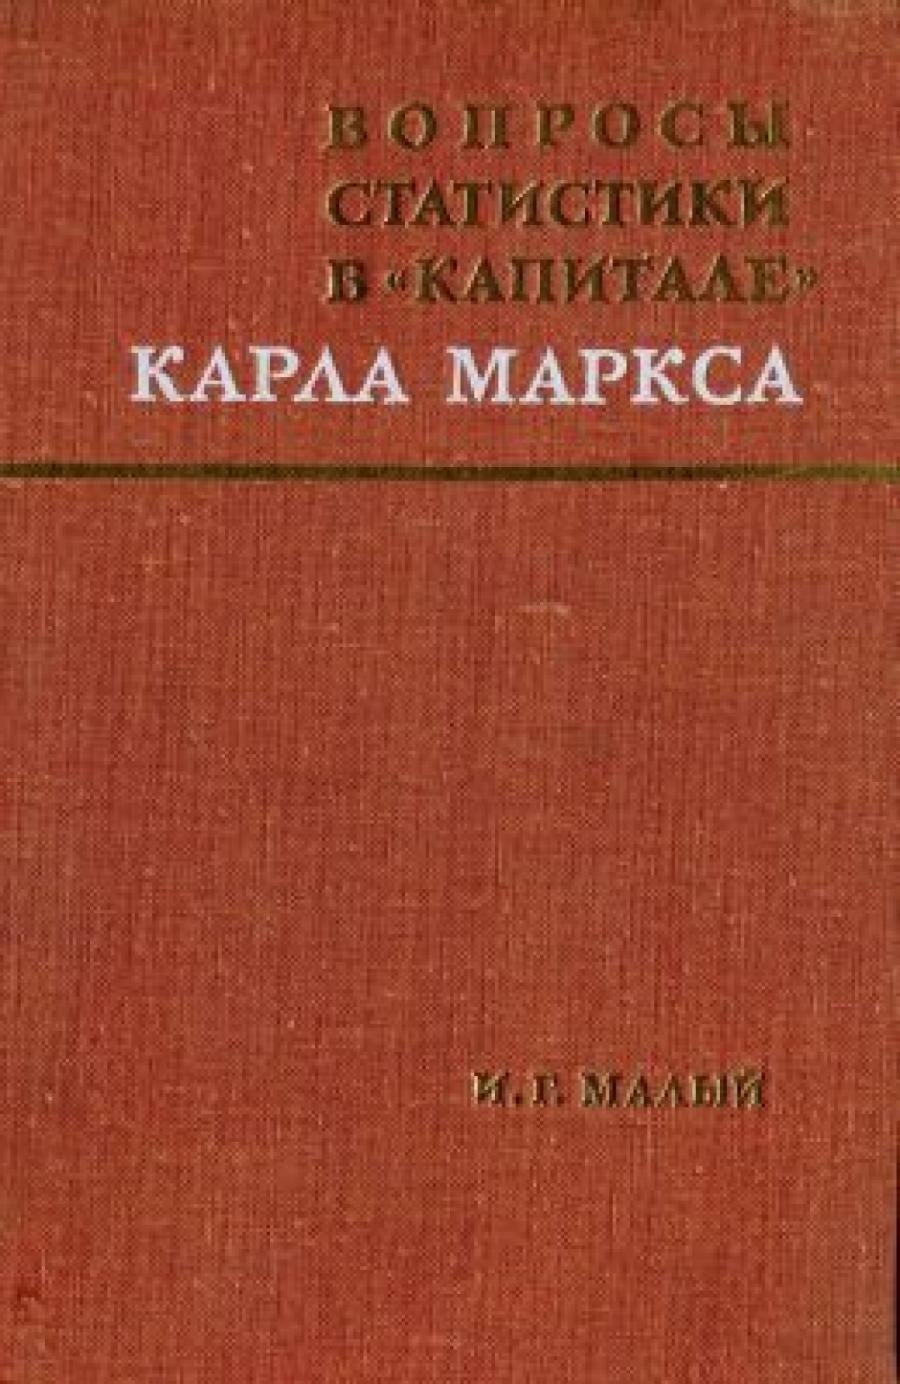 Обложка книги:  малый илья григорьевич - вопросы статистики в капитале карла маркса